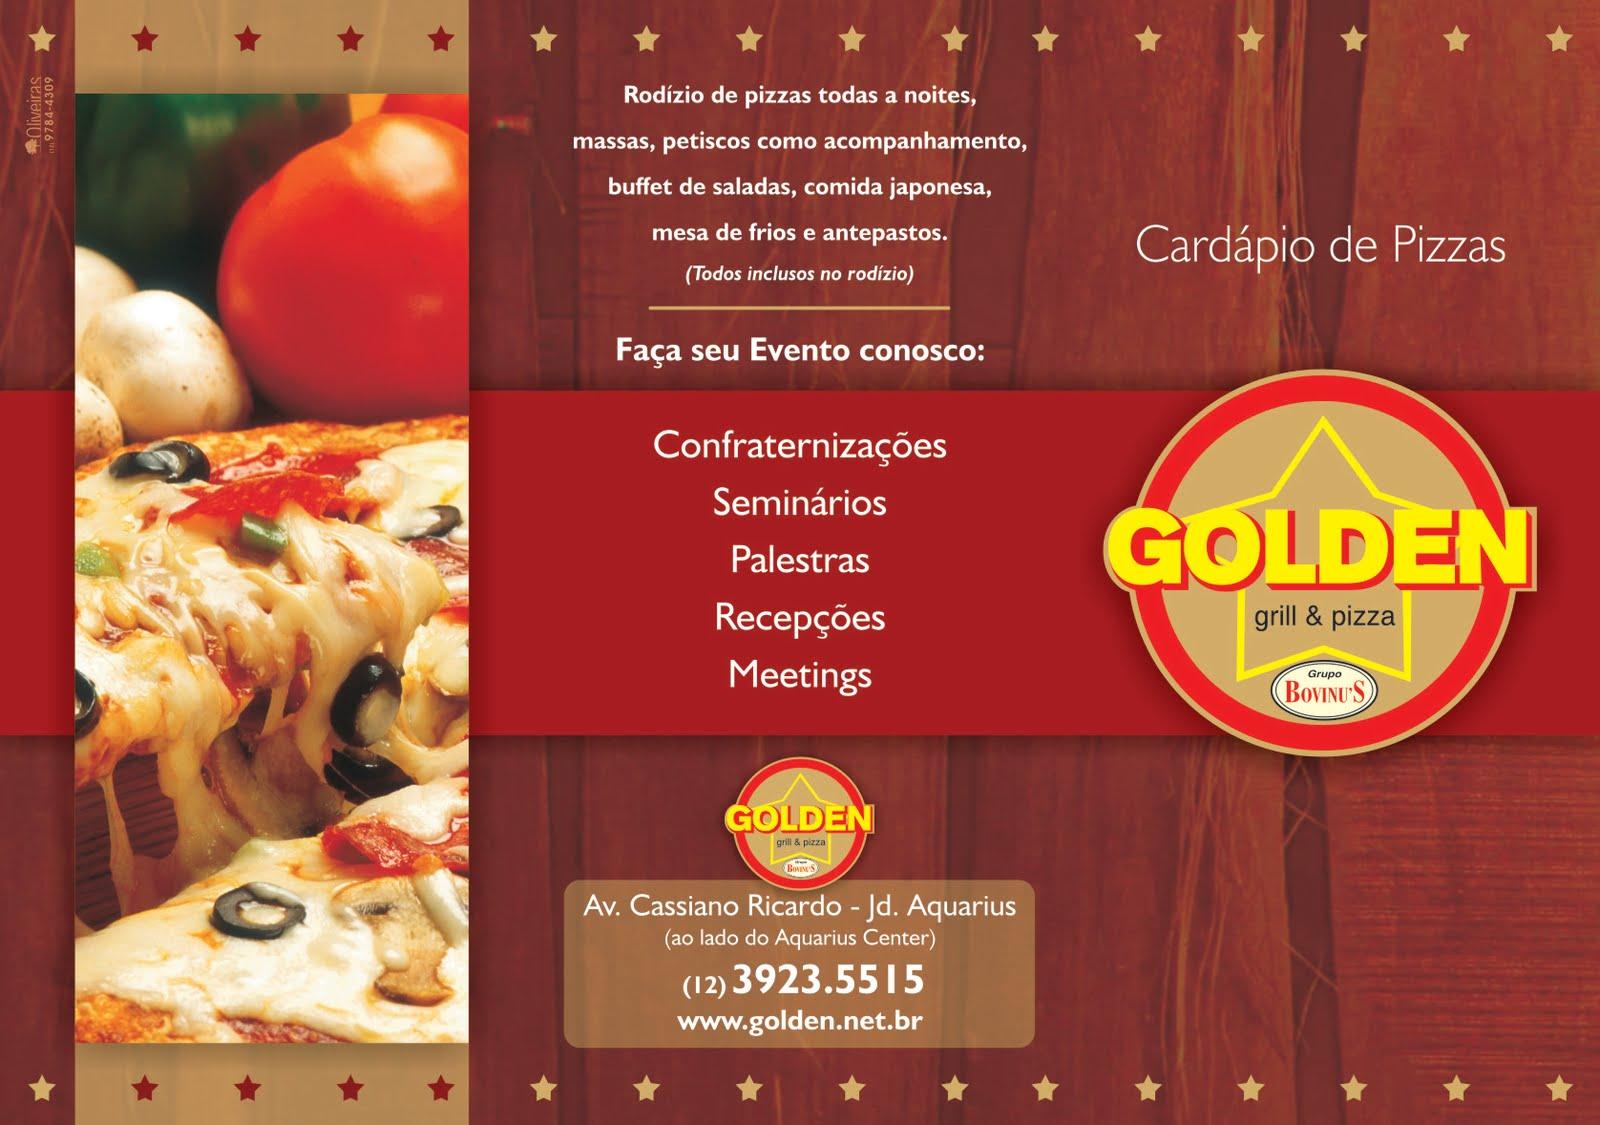 Novo Cardápio de Pizzas - Golden grill & pizza